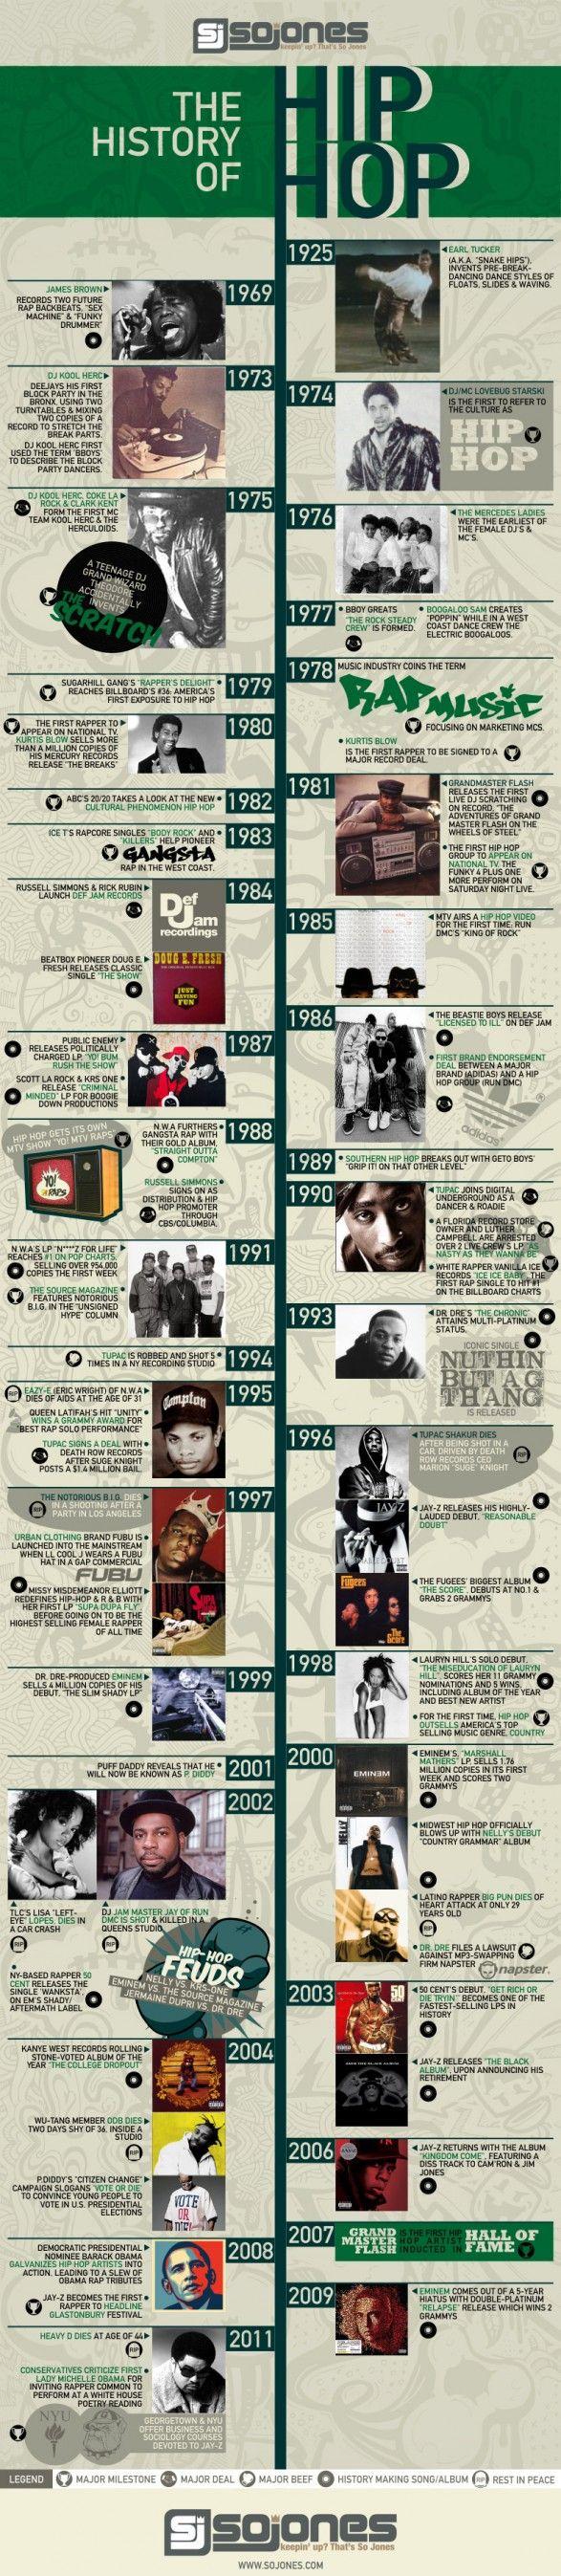 La Historia del Hip Hop | The History of Hip Hop